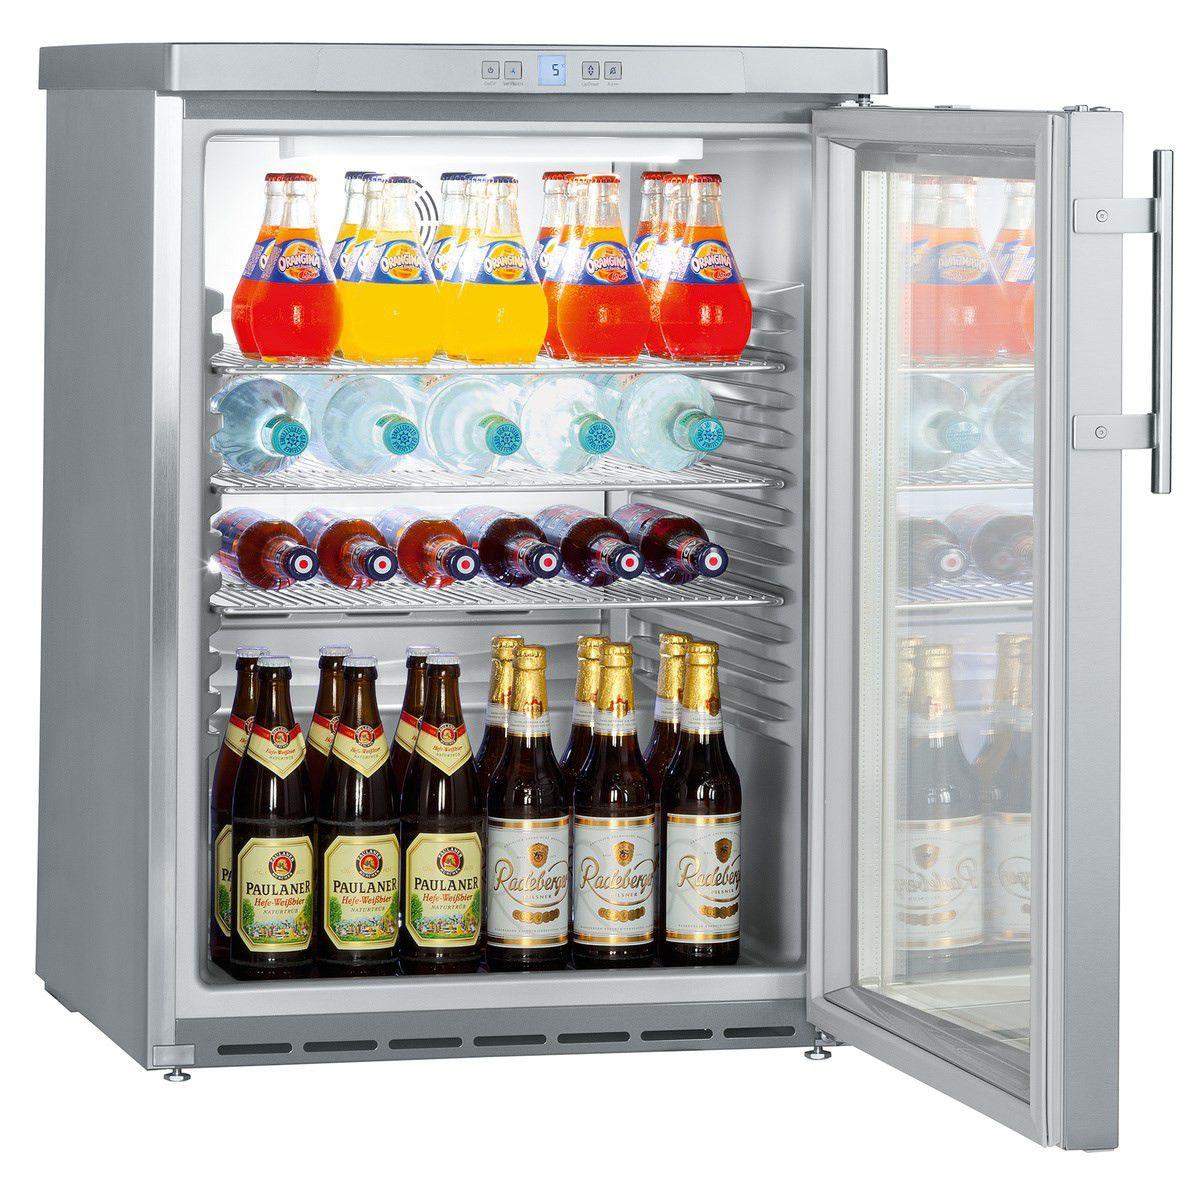 Getränkekühlschrank Shop - Gastro Kurz